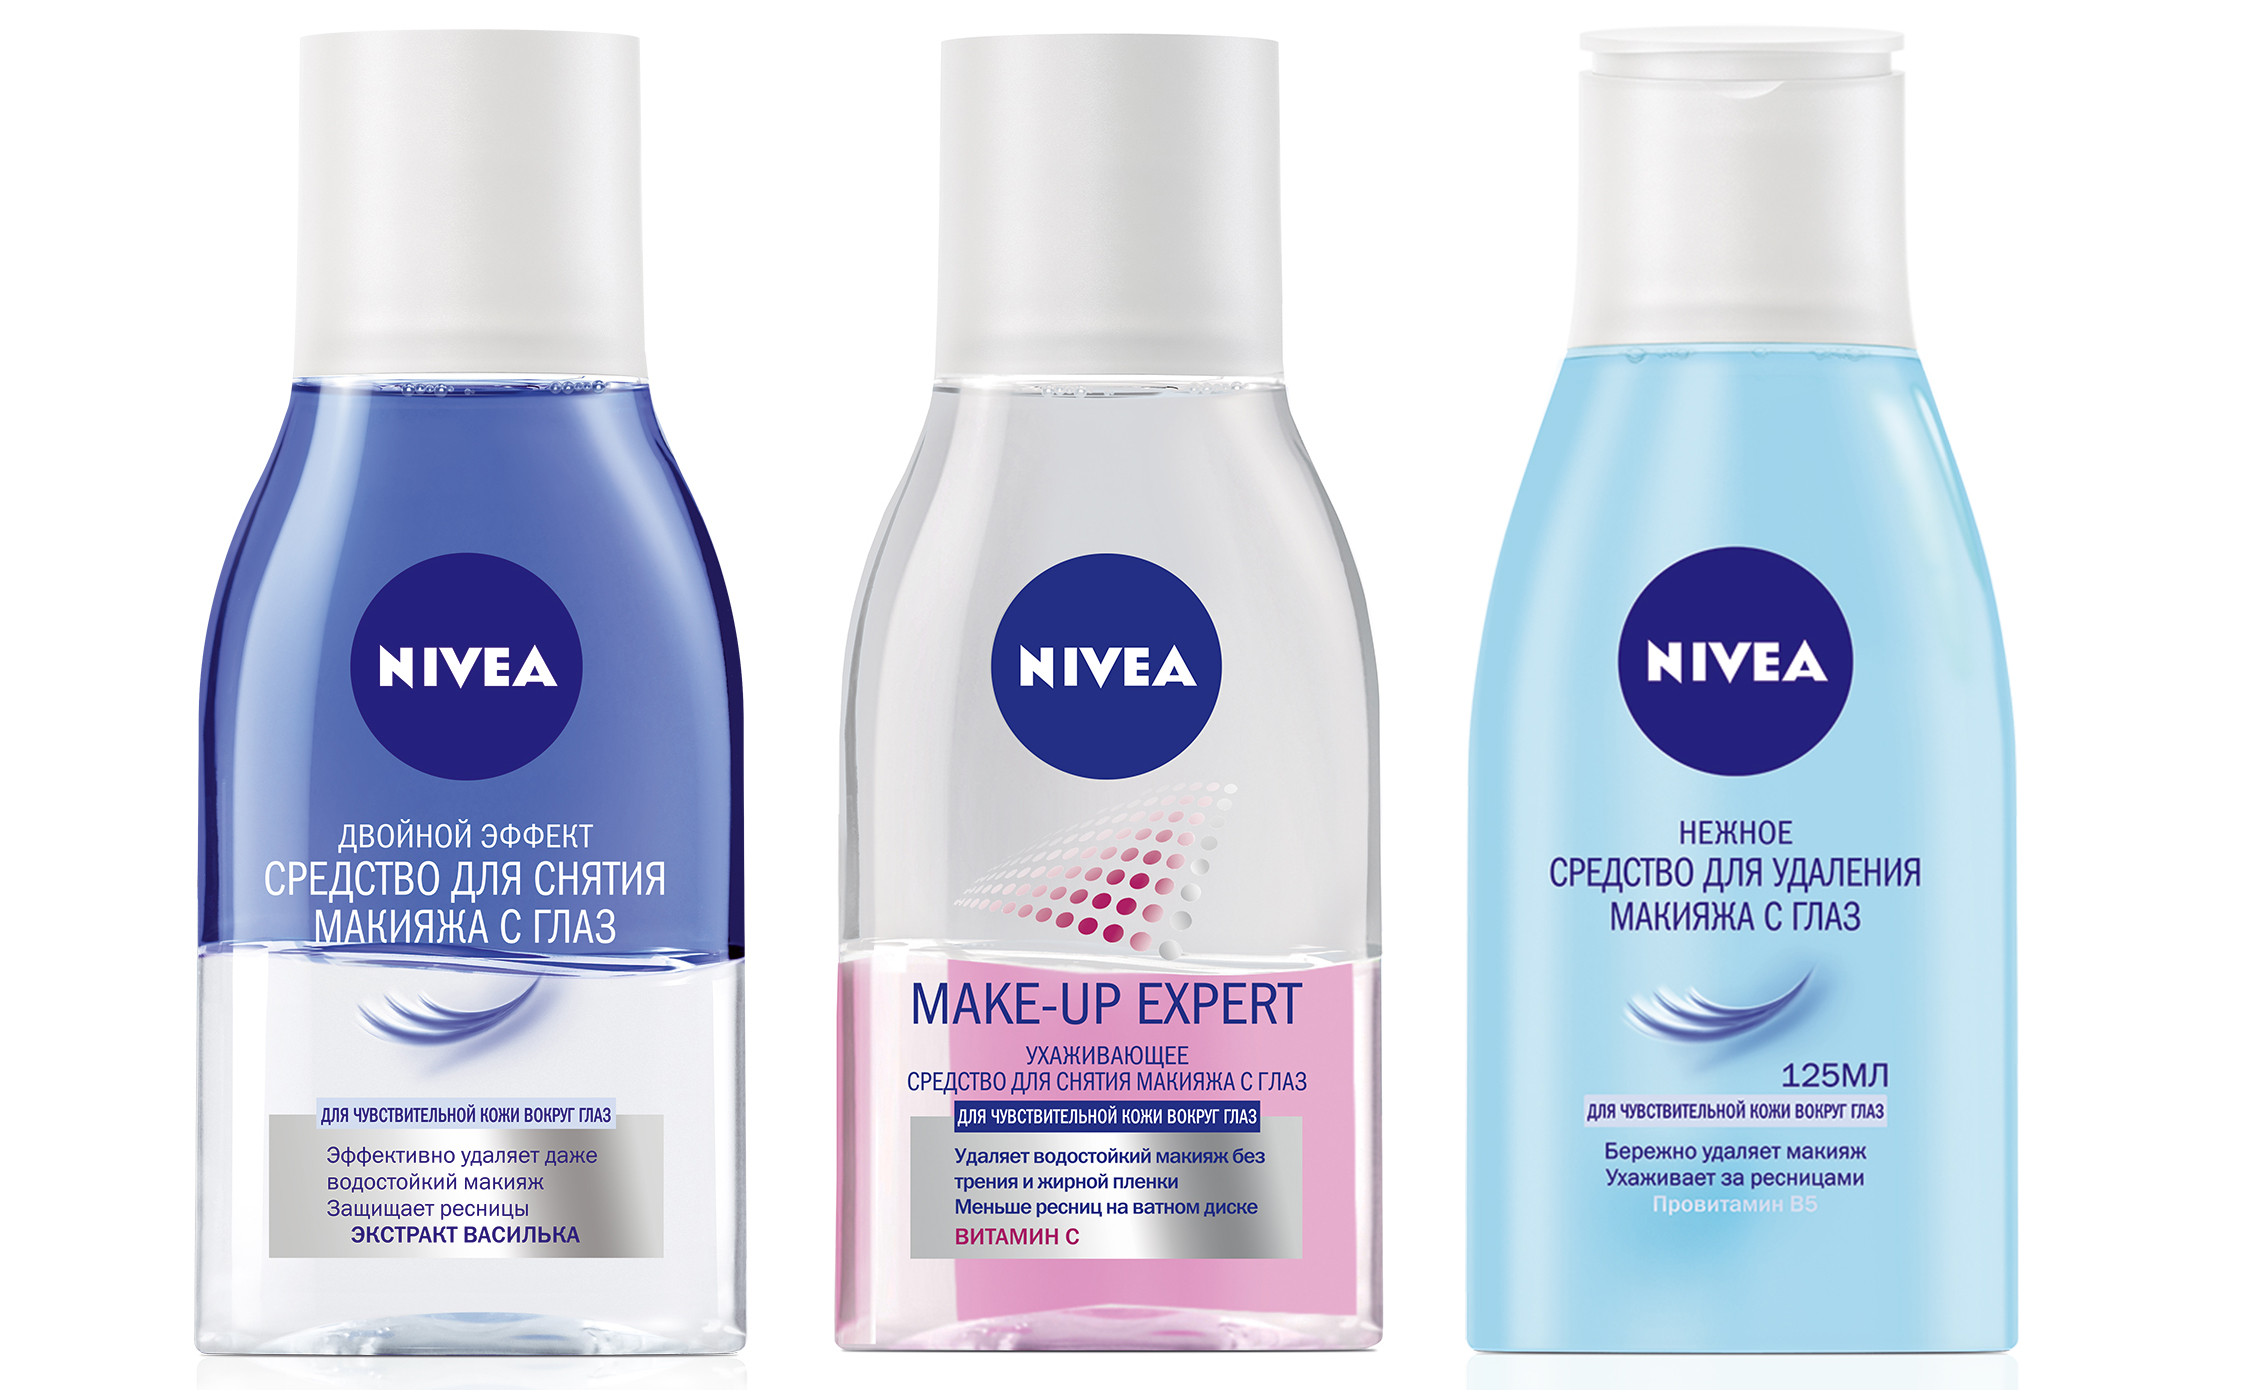 Какое средство лучше всего для снятия макияжа